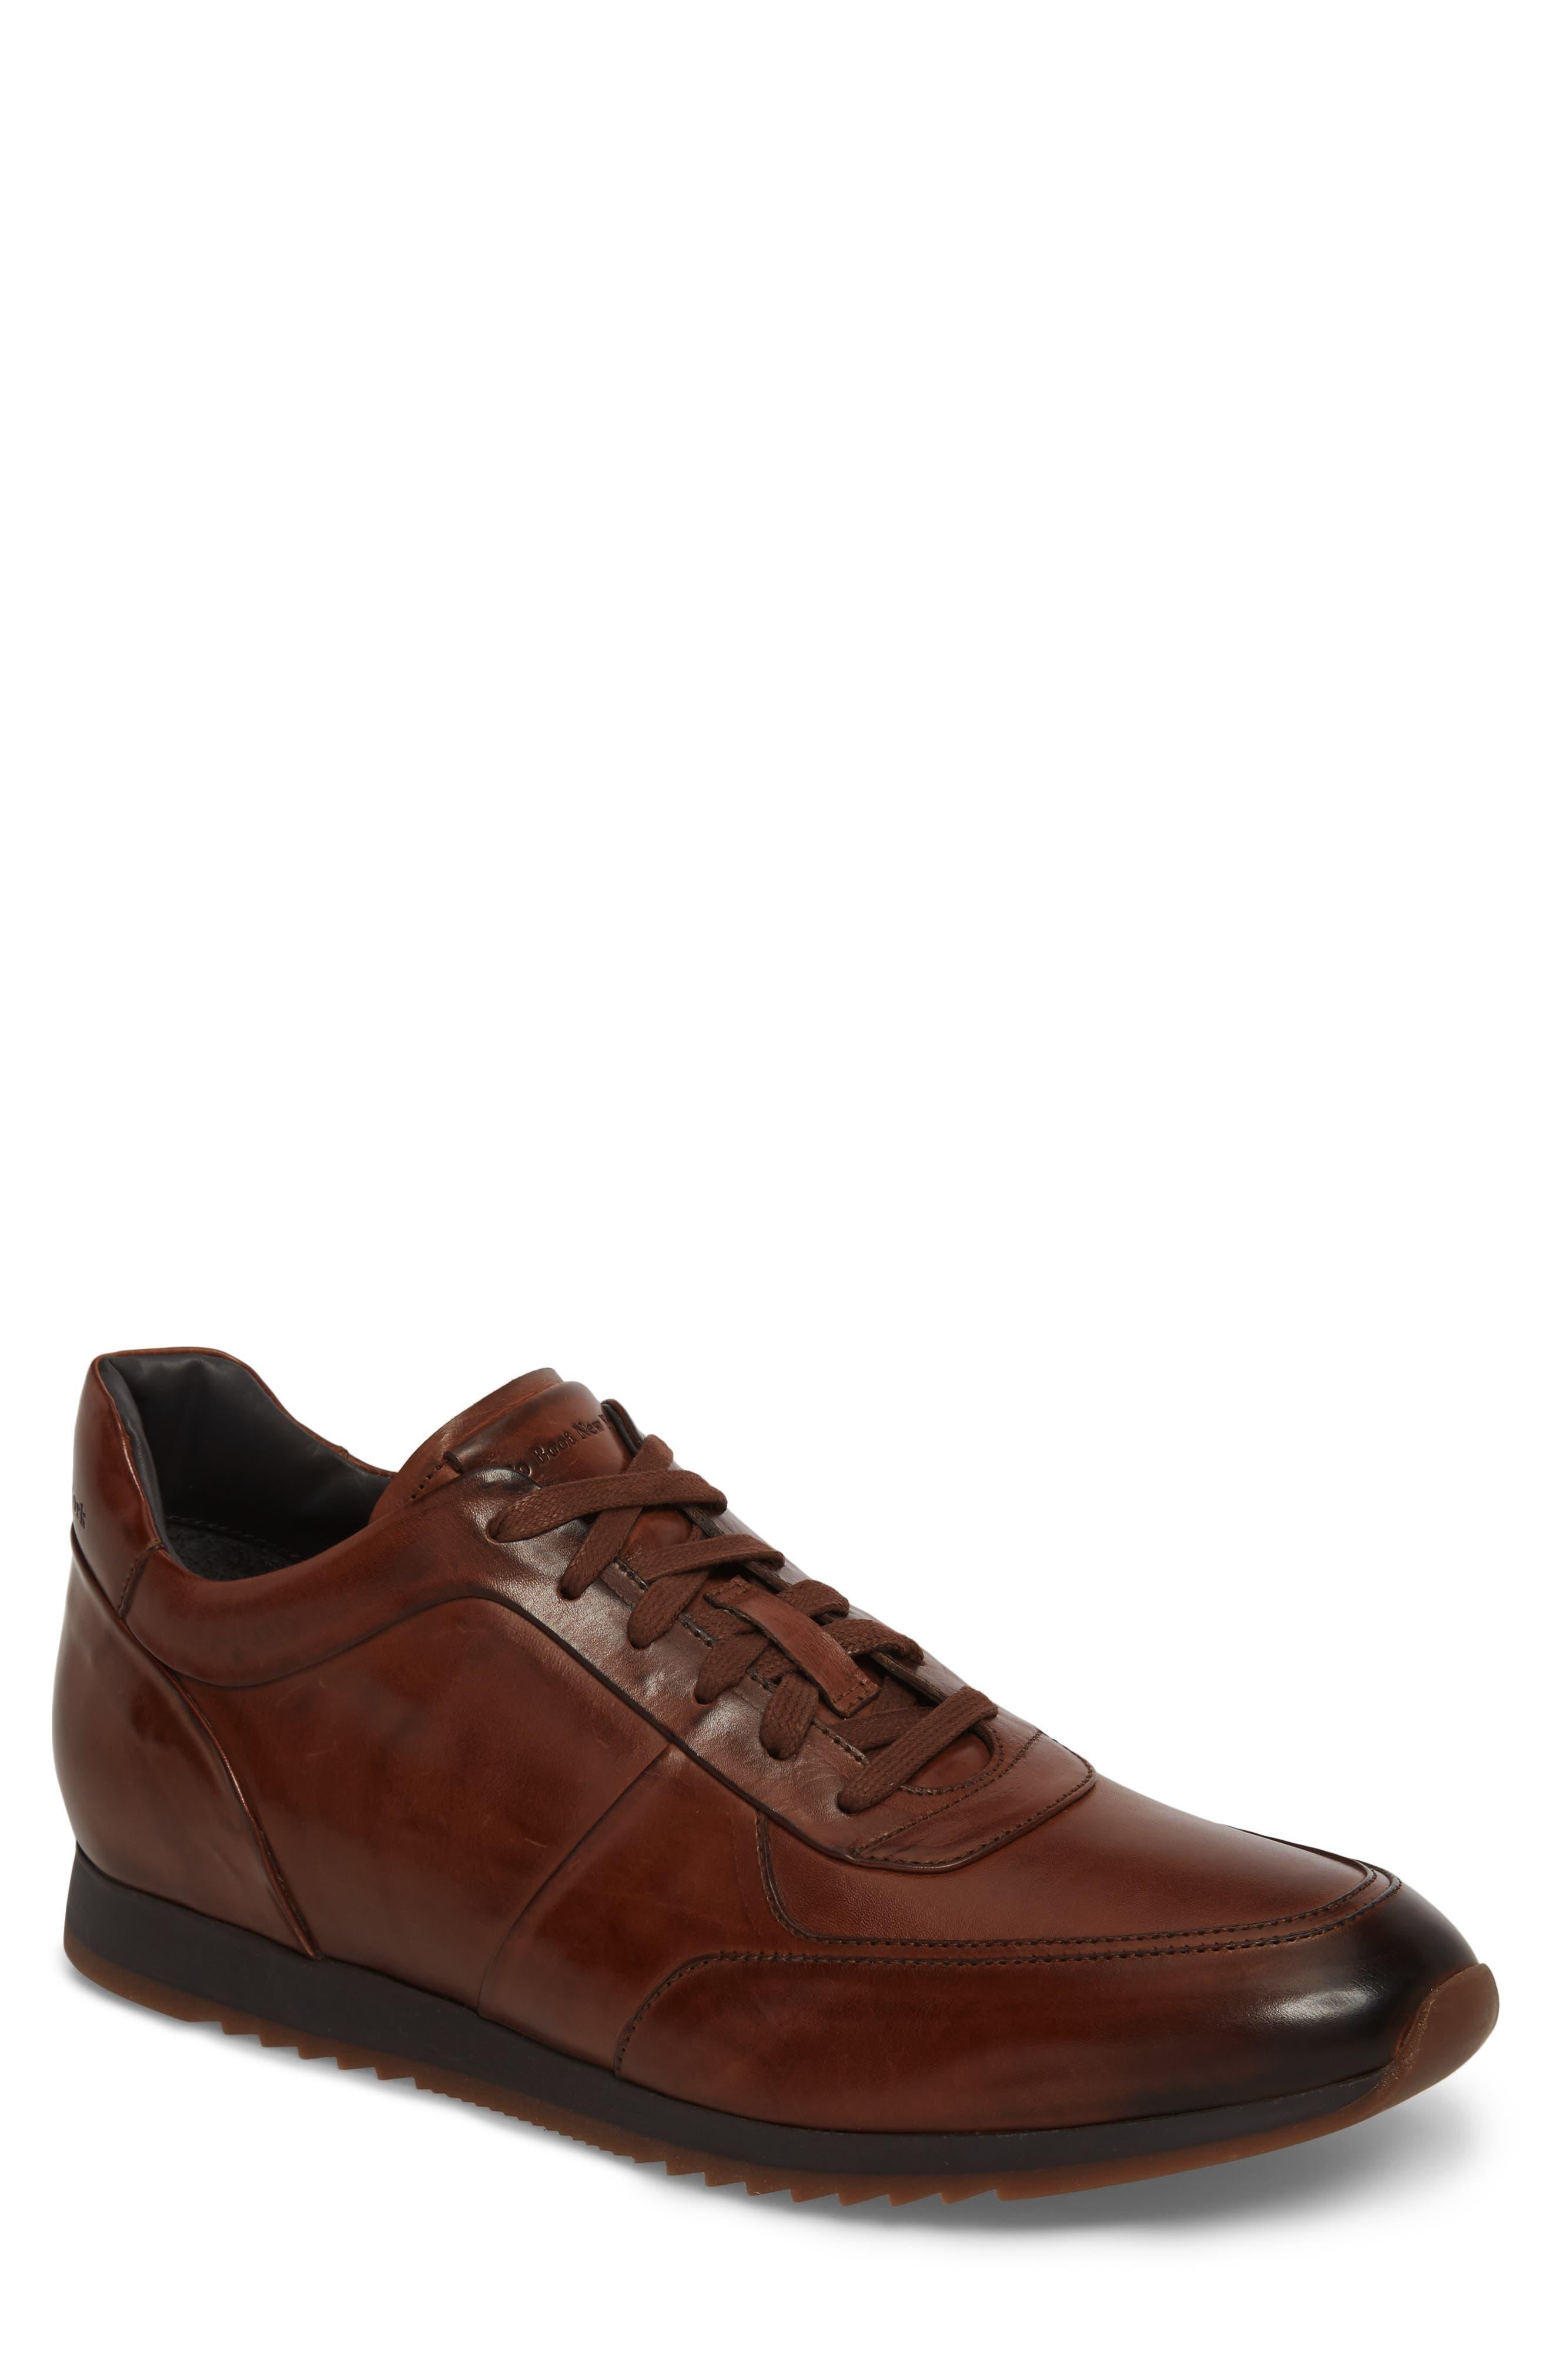 Lenox Low Top Sneaker,                         Main,                         color, Tan Leather